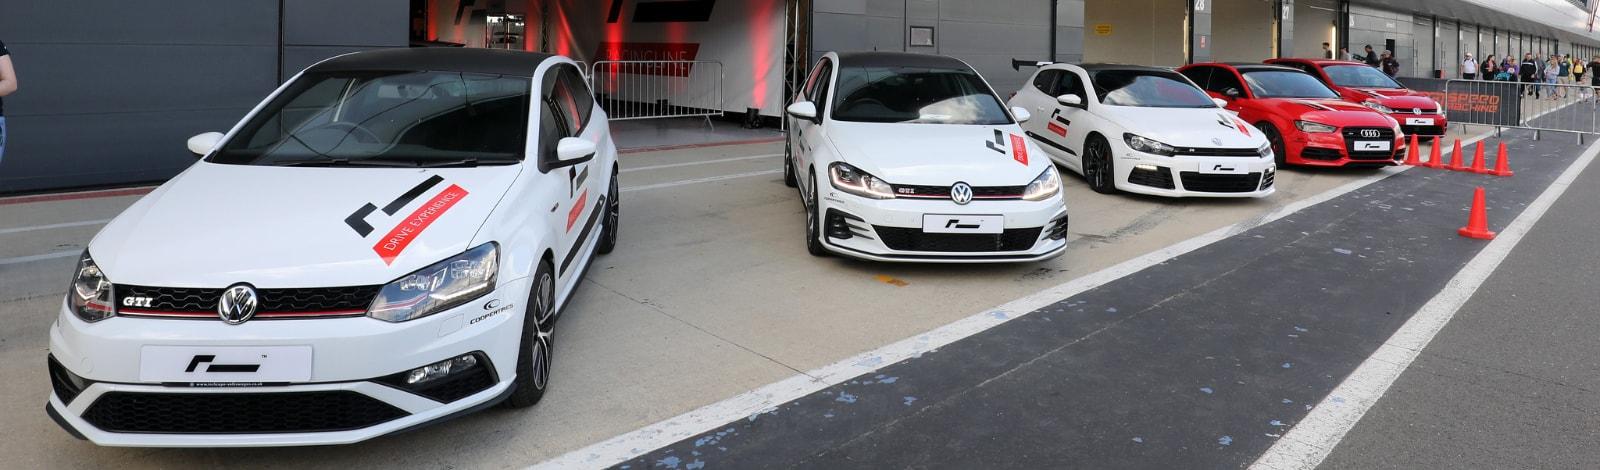 Volkswagen Specialists